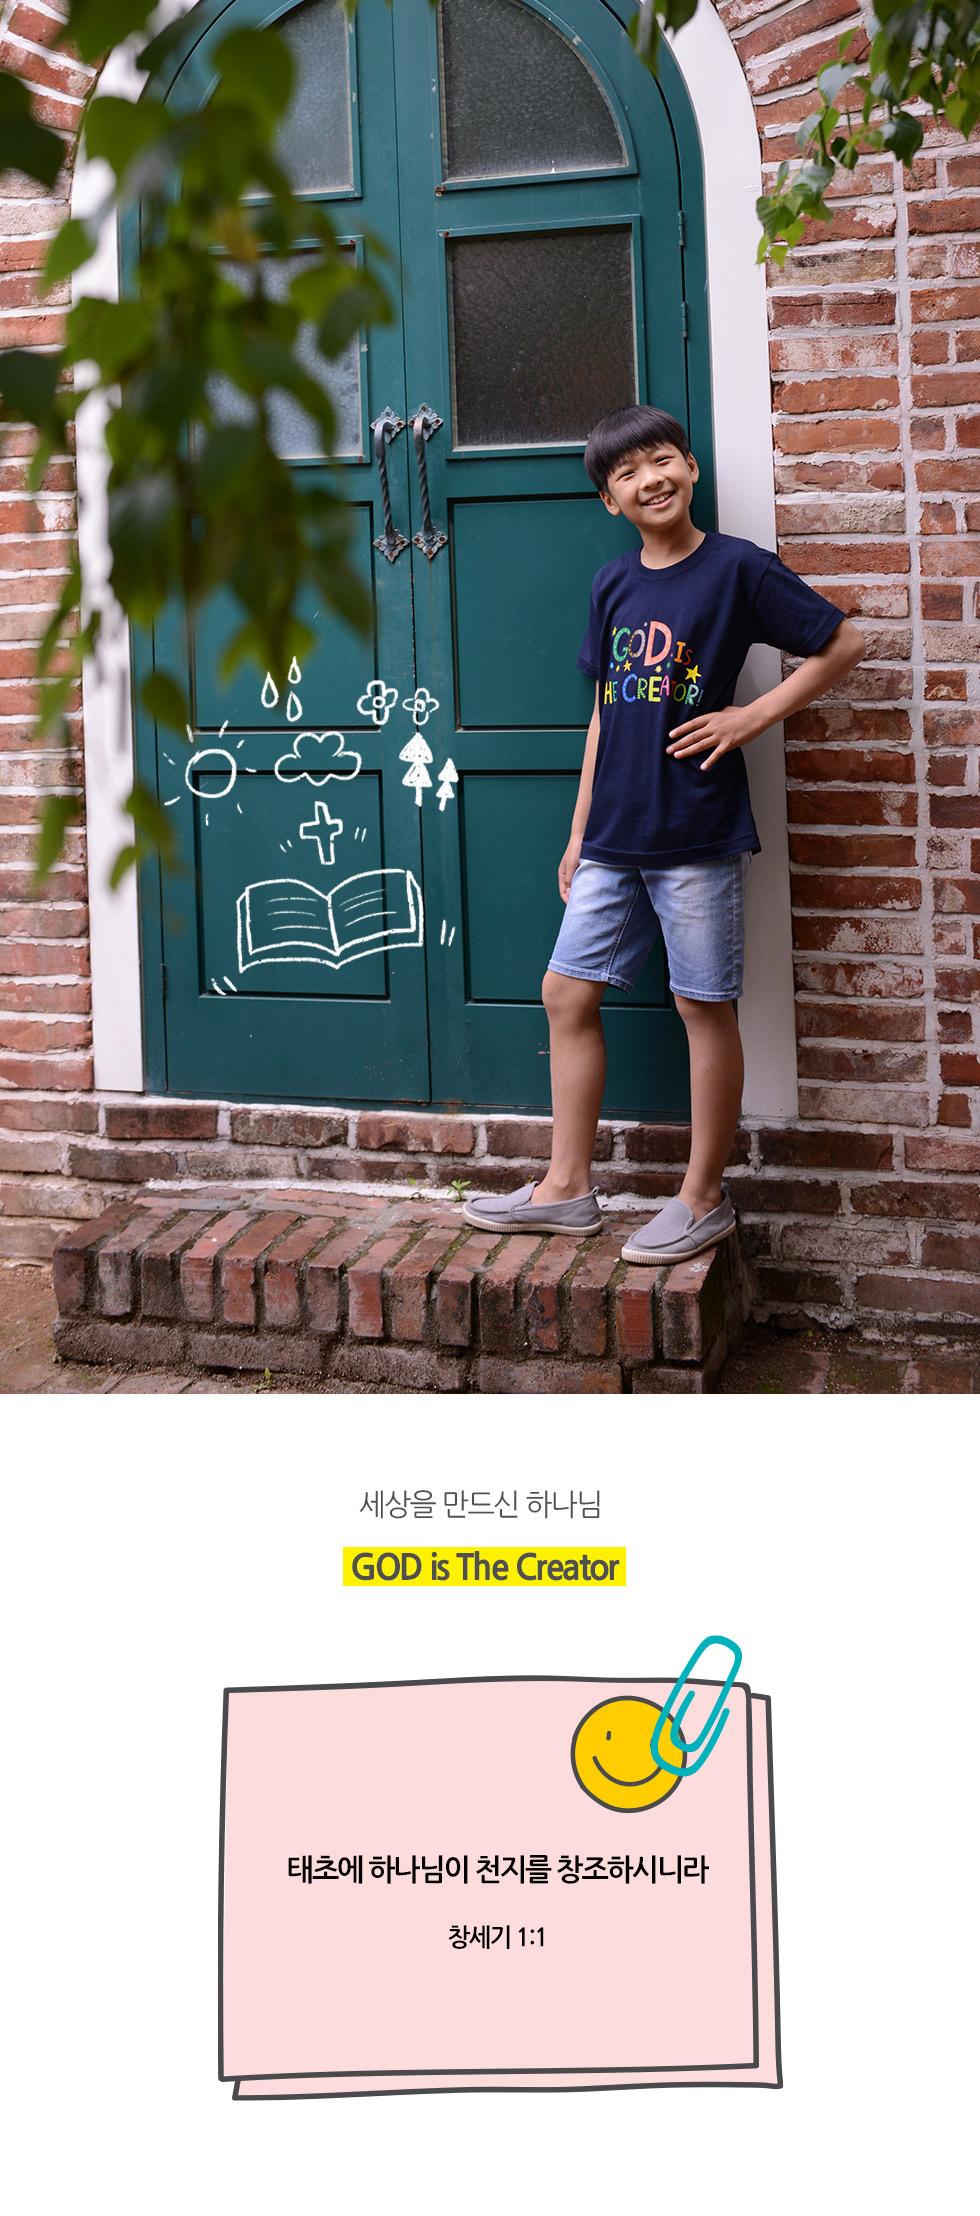 교회 단체티셔츠 창조주 하나님 (God is the Creator) - 아동티셔츠 (고신 교단 여름성경학교 주제티셔츠 - 세상을 만드신 하나님)